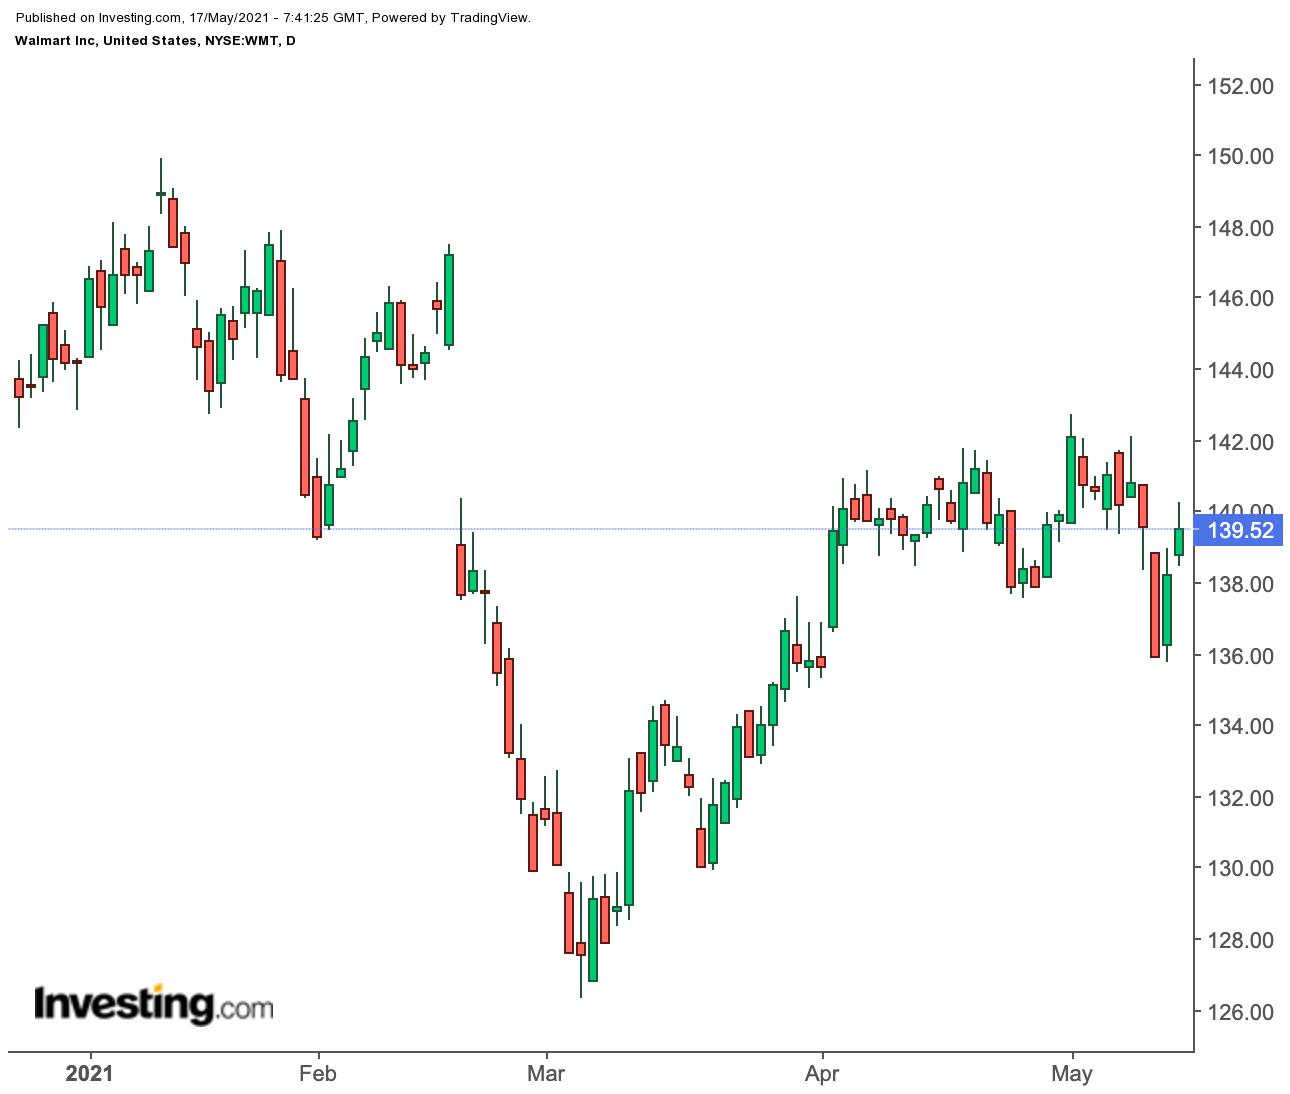 Инвесторов интересуют перспективы Walmart и Target в мире без COVID